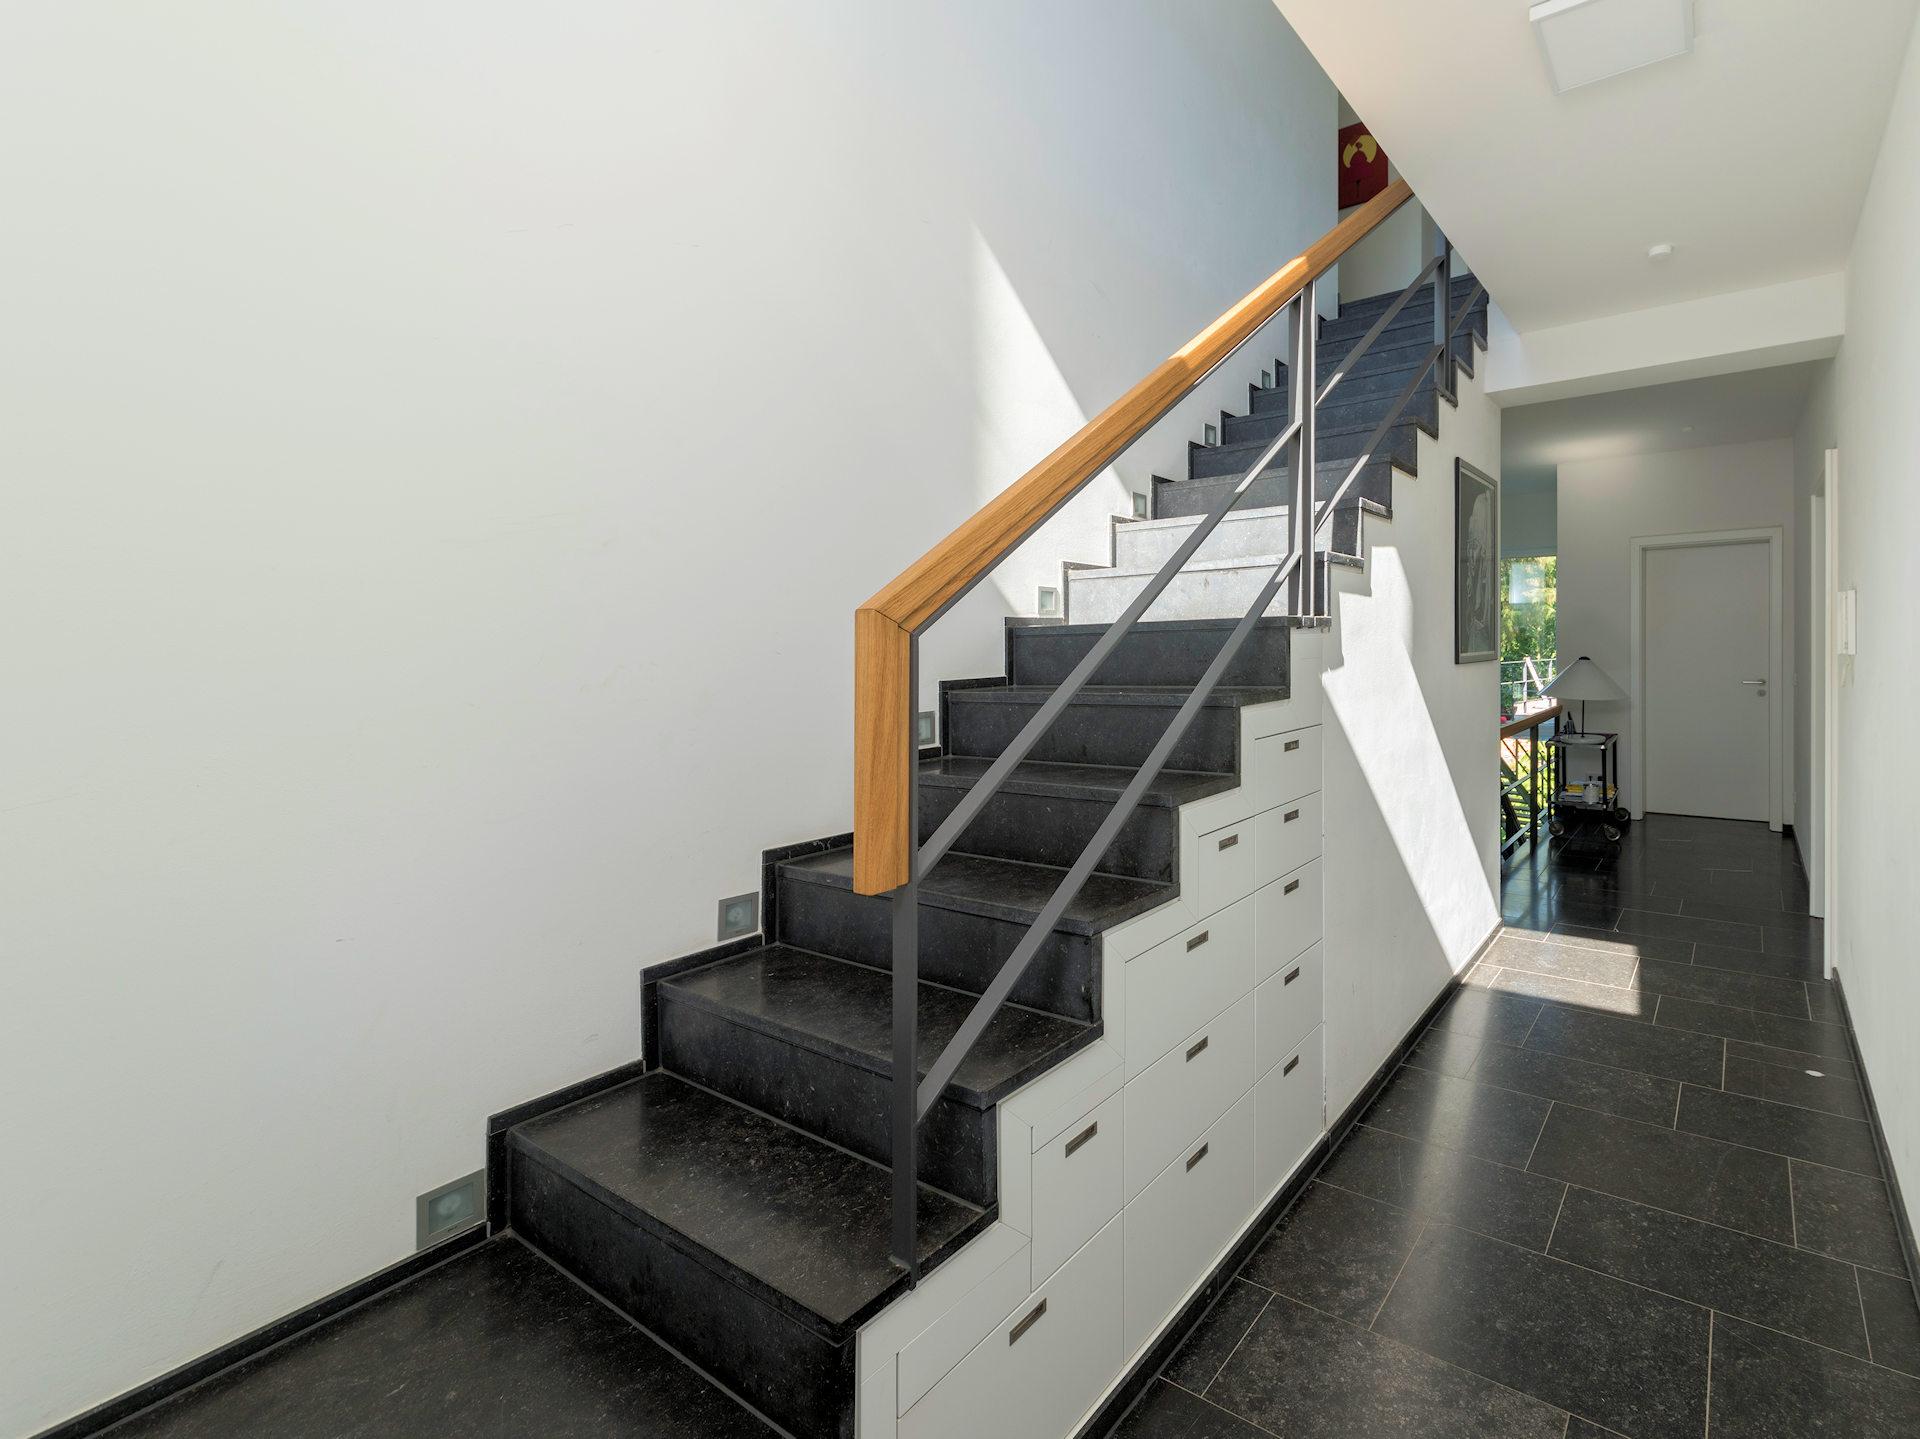 Falttreppe aus Steingut mit Schubladen-Unterbau